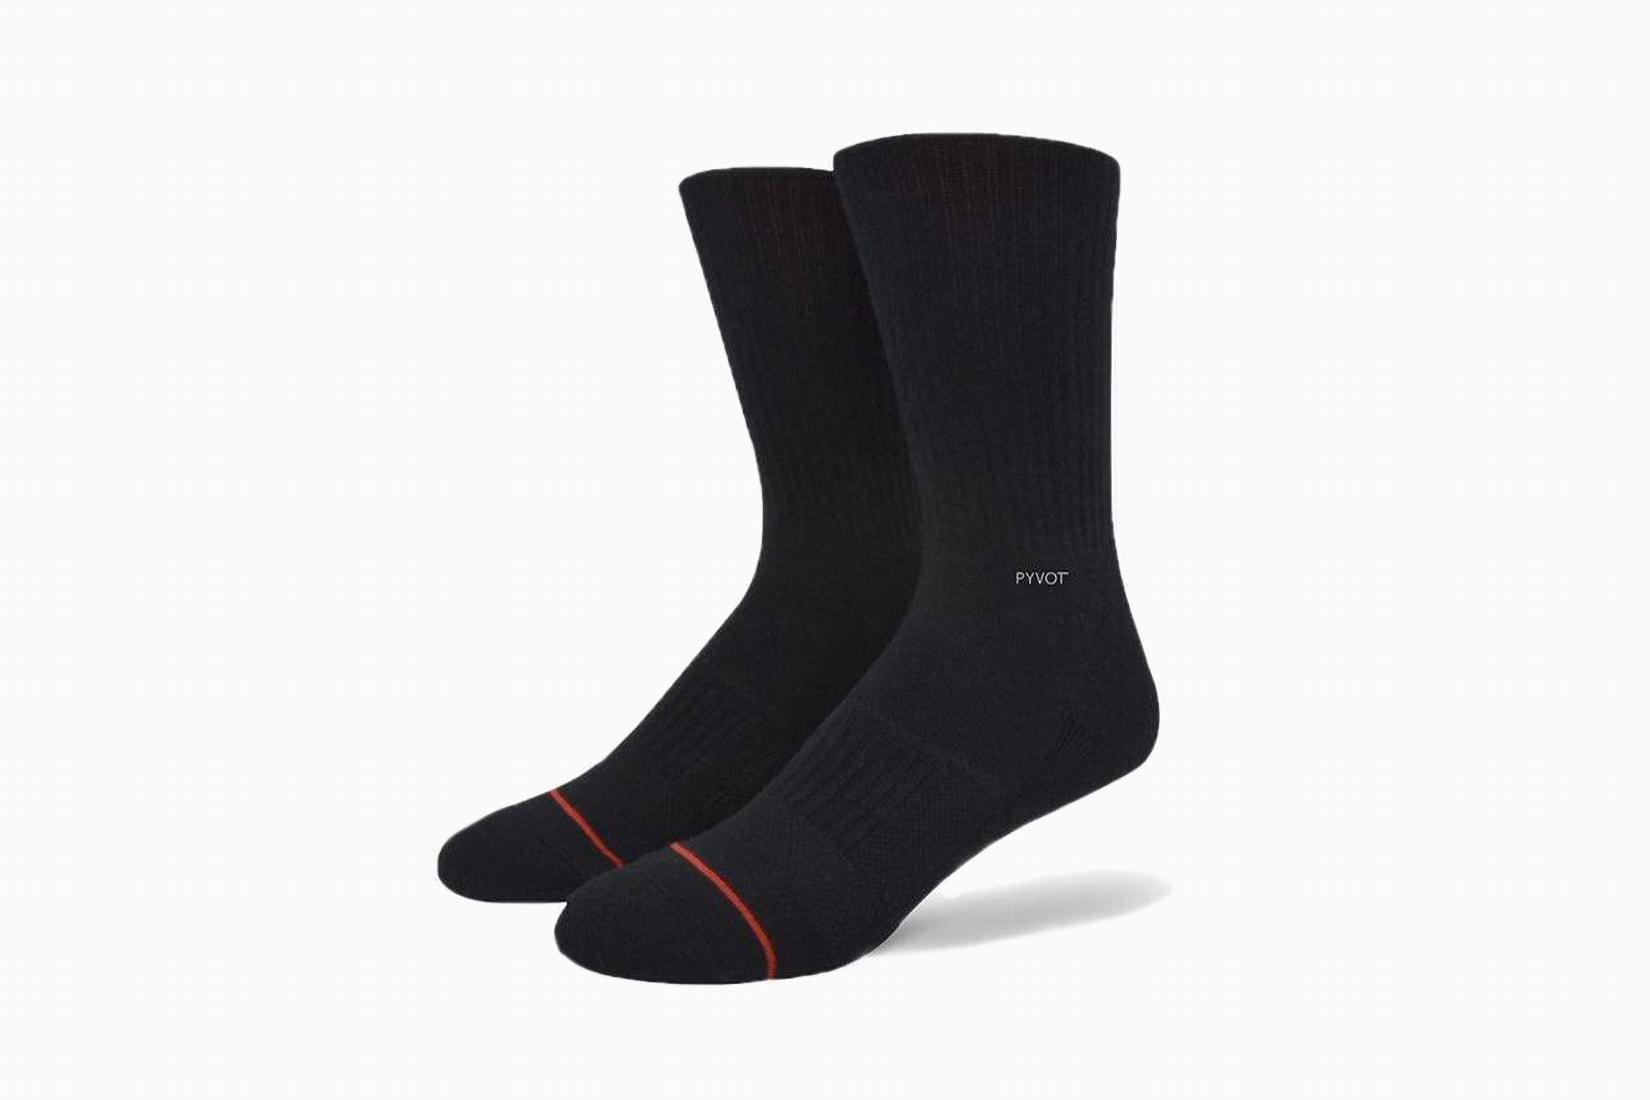 best socks men ankle pyvot review - Luxe Digital